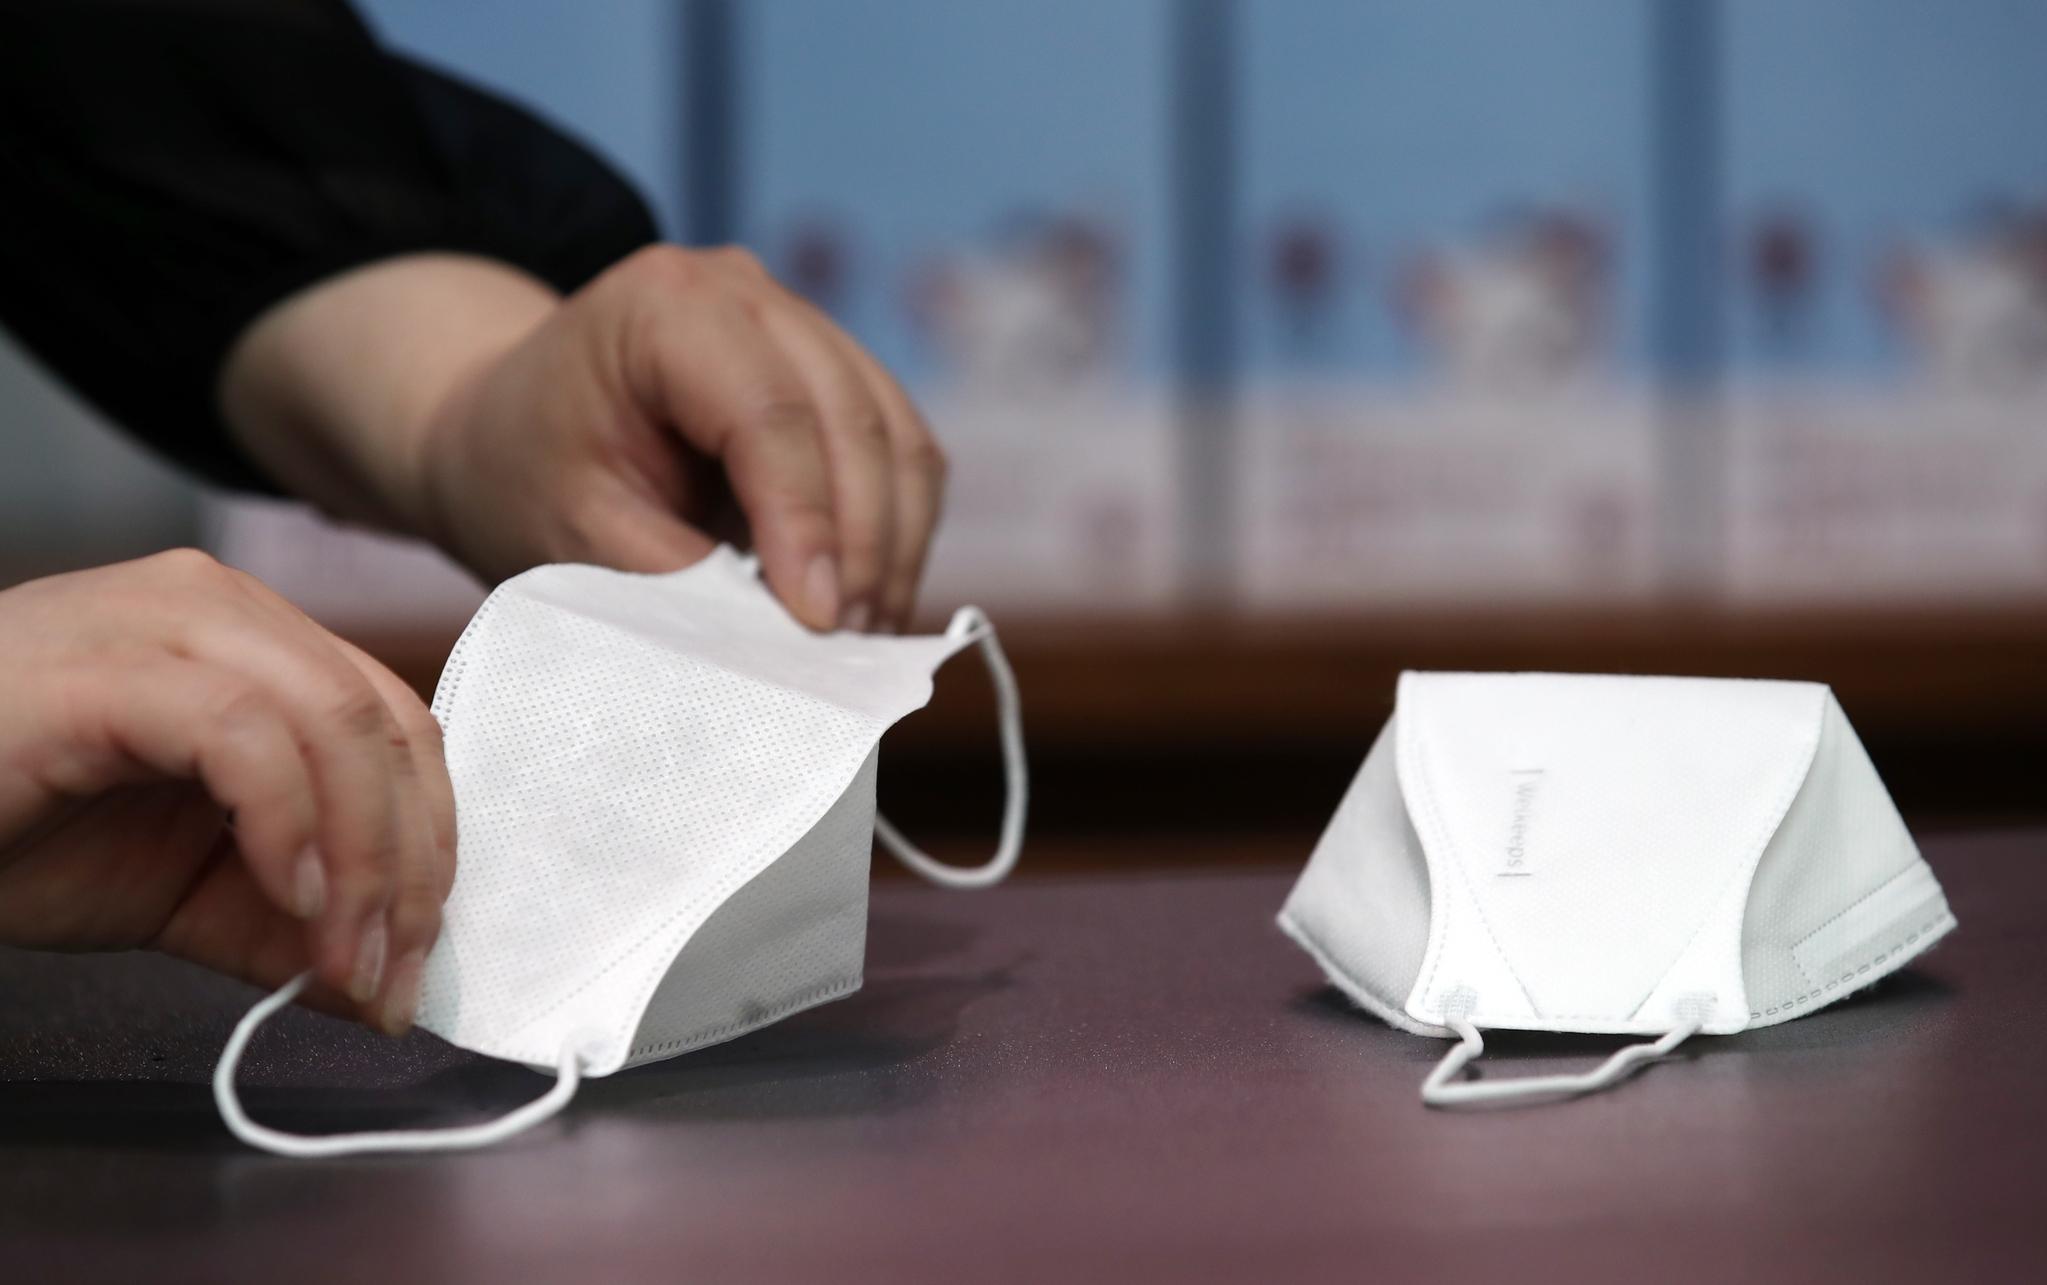 마스크 업체 웰킵스 직원이 5일부터 개당 500원에 판매된 비말 차단용 마스크(왼쪽) 샘플을 KF94 마스크(오른쪽)와 비교해 보여주고 있다. 연합뉴스